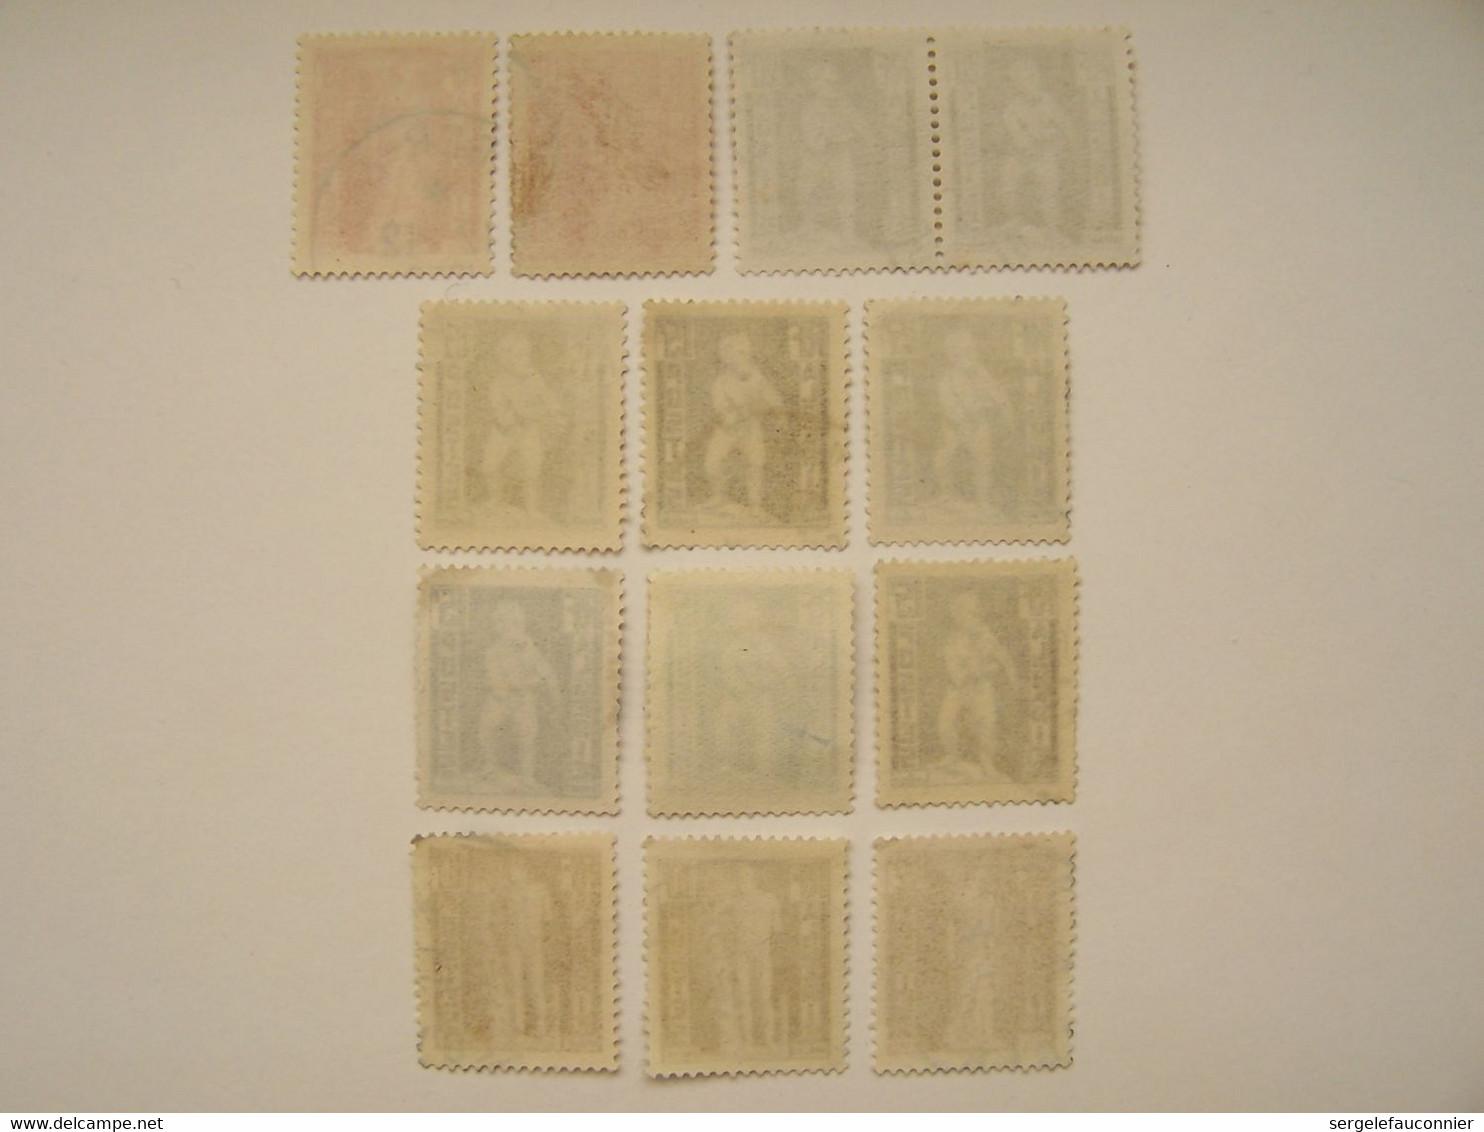 FRANCE ALGERIE FRANCAISE 1952 13 X Statuaire Antique D'Algérie, Oblitérés, Nuances Sur Les 15f Et Paire Pour Les 20f - Usati